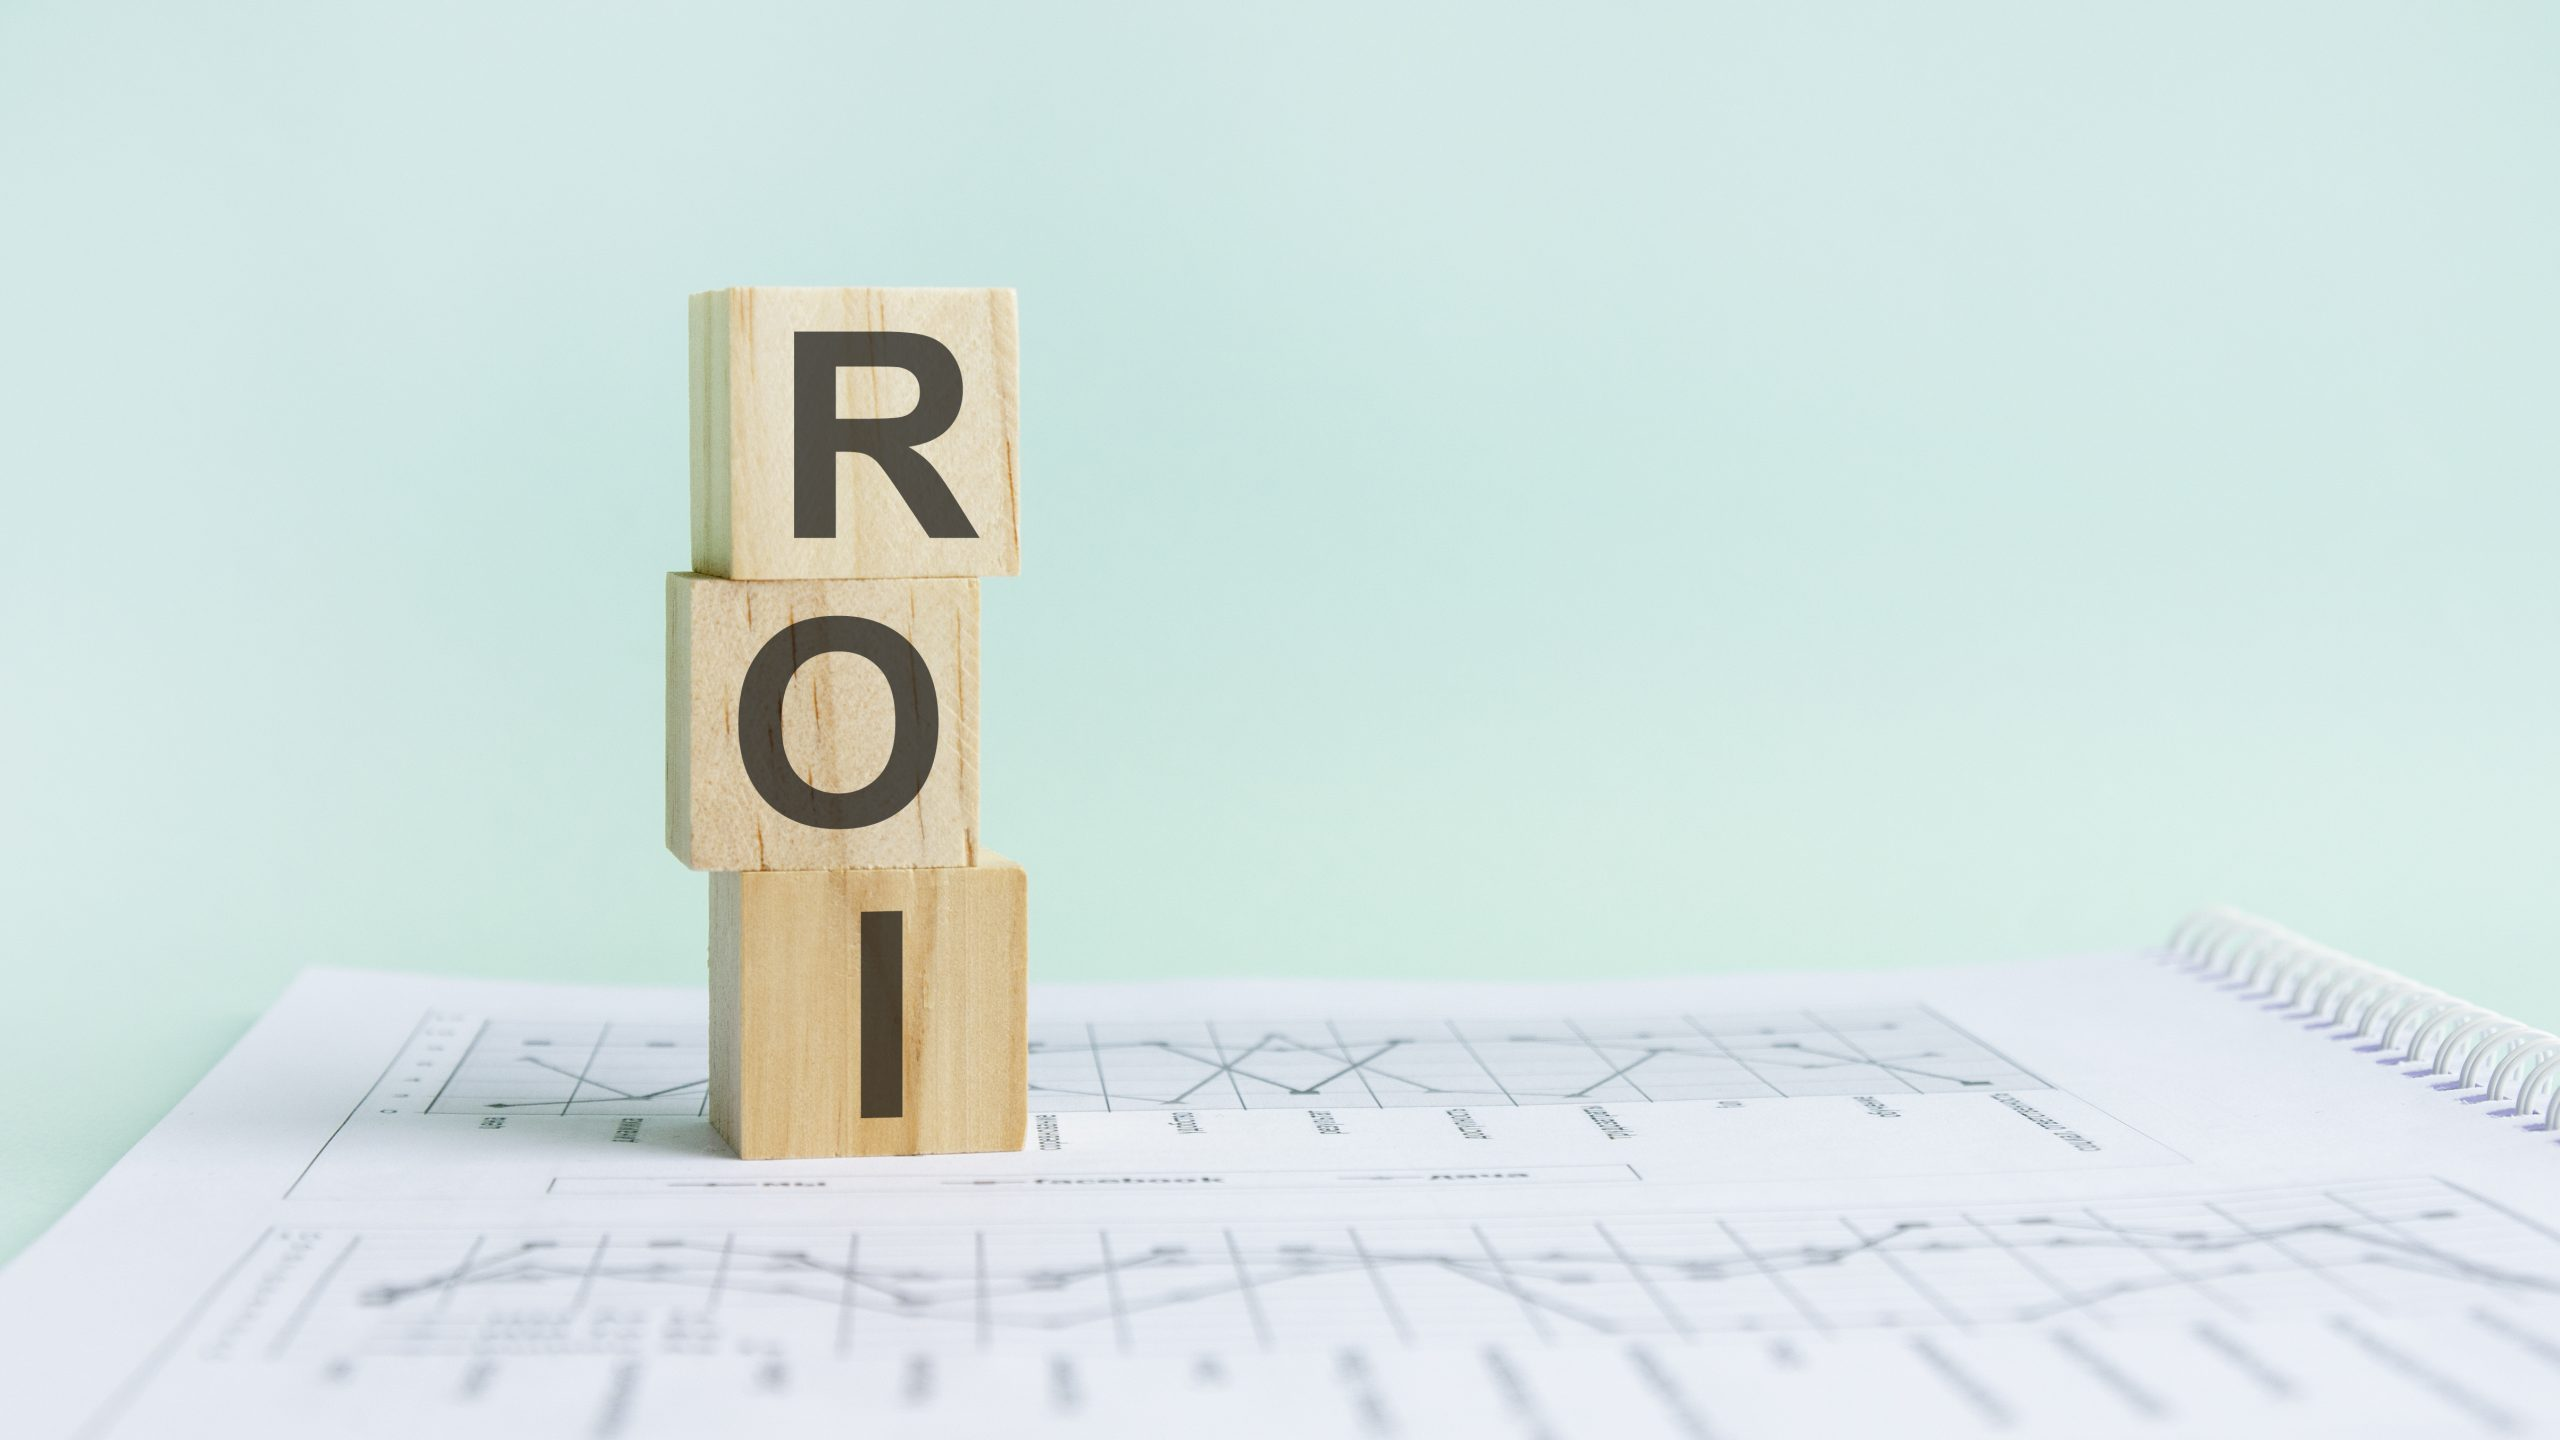 Retorno de Inversión (ROI) en Marketing Digital